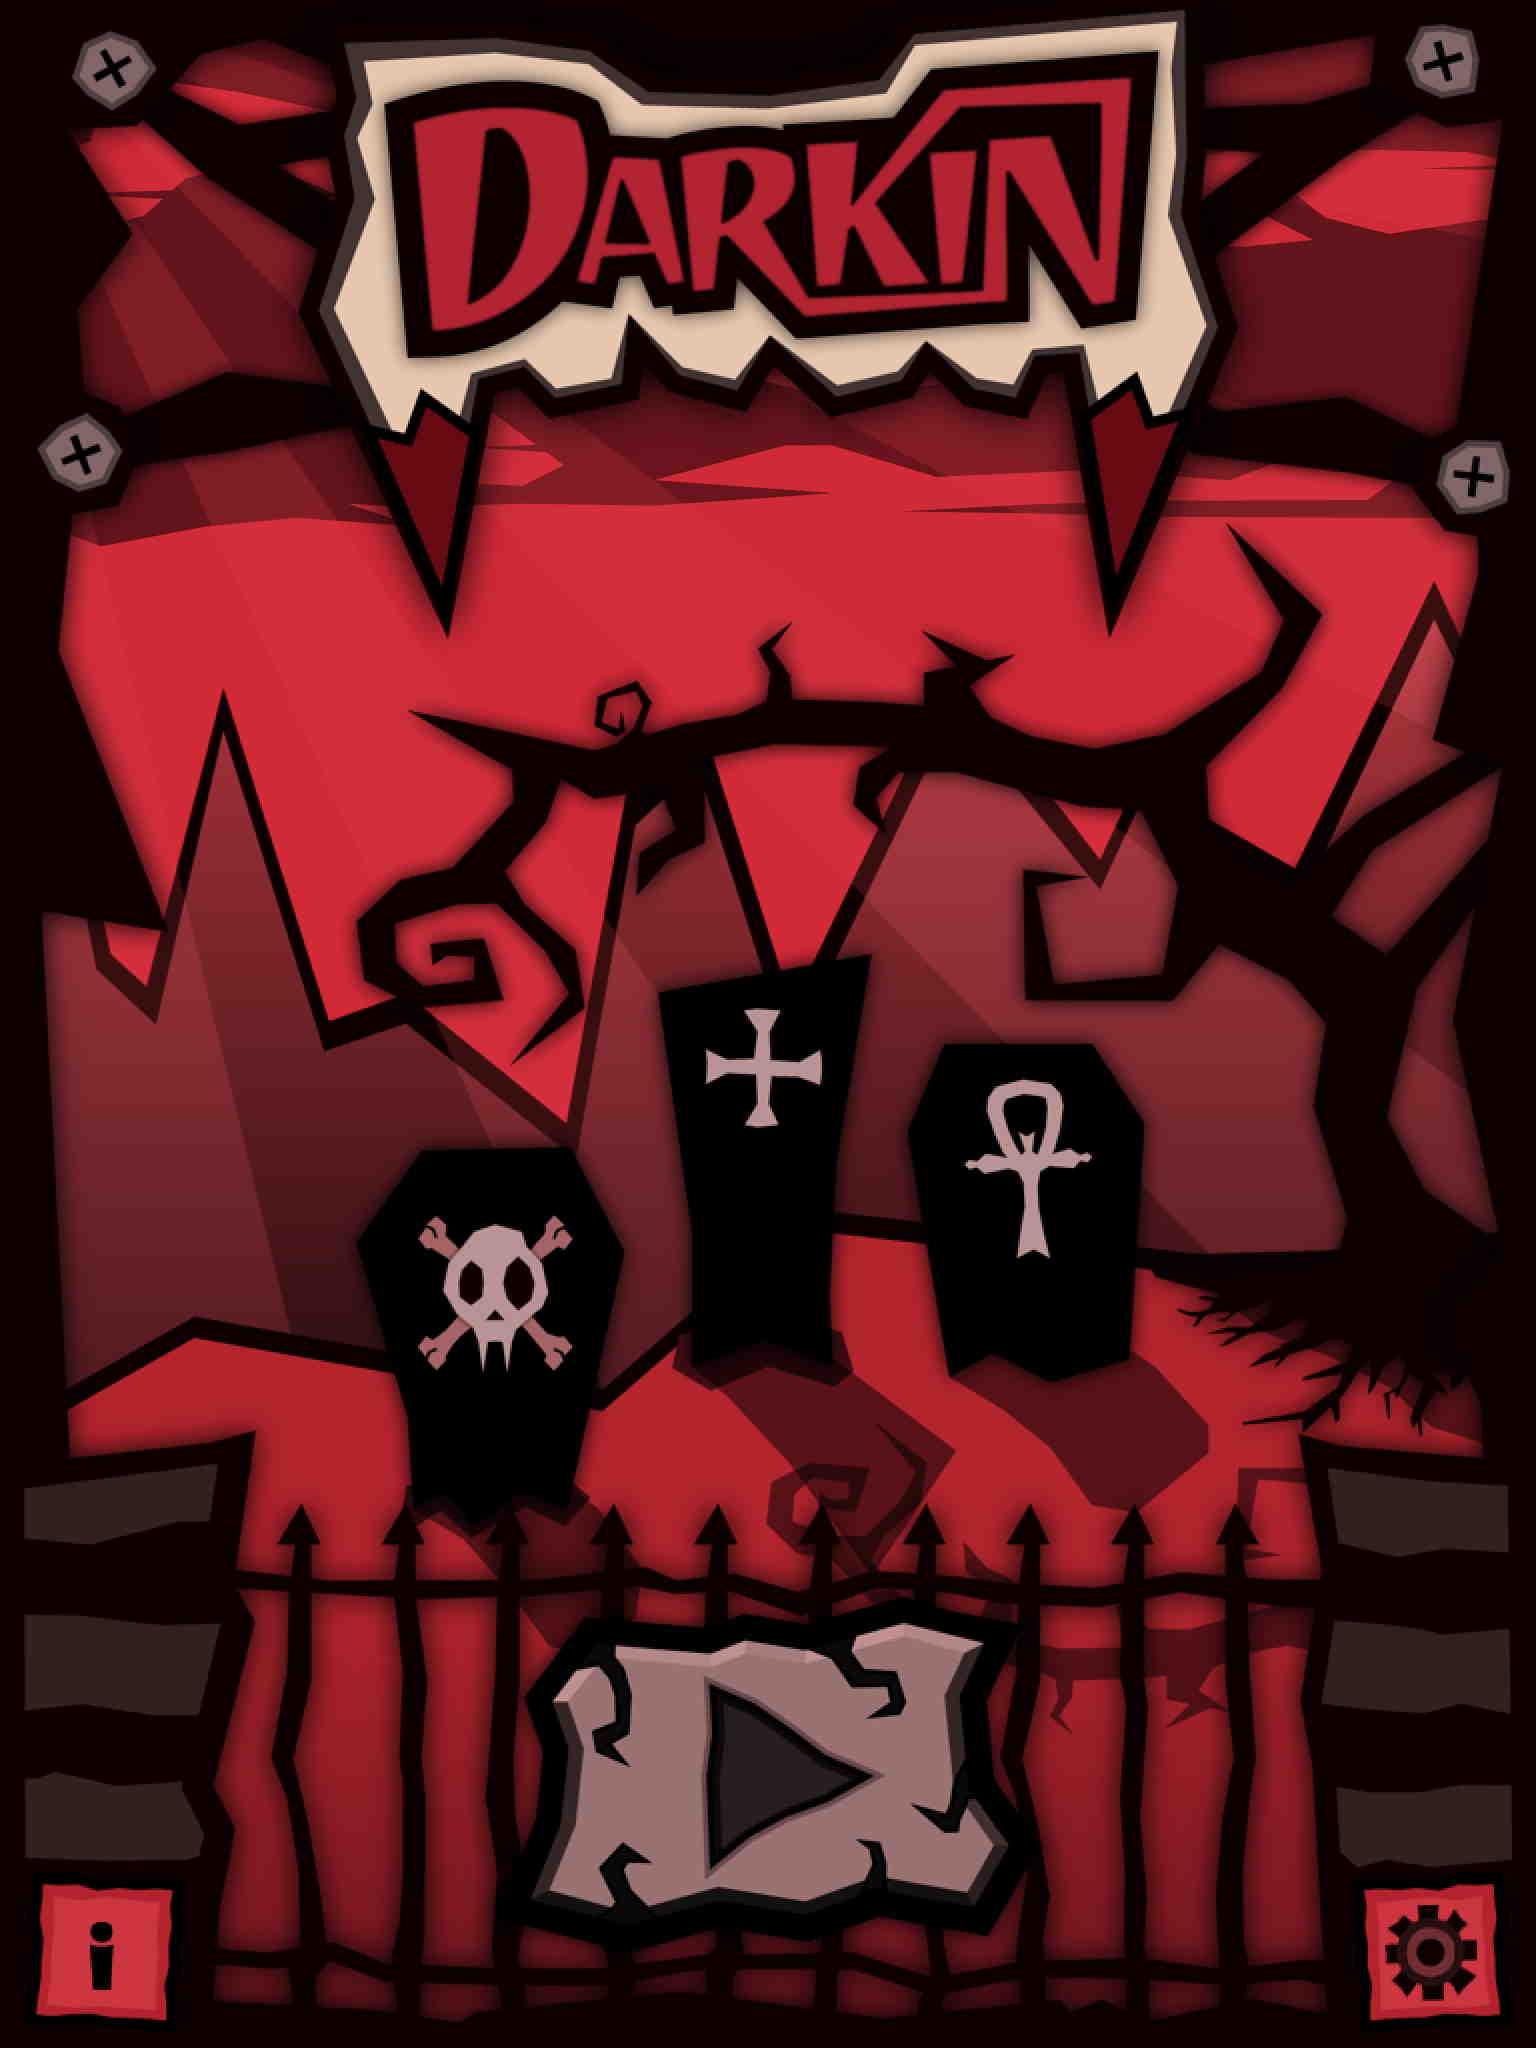 Darkin_01